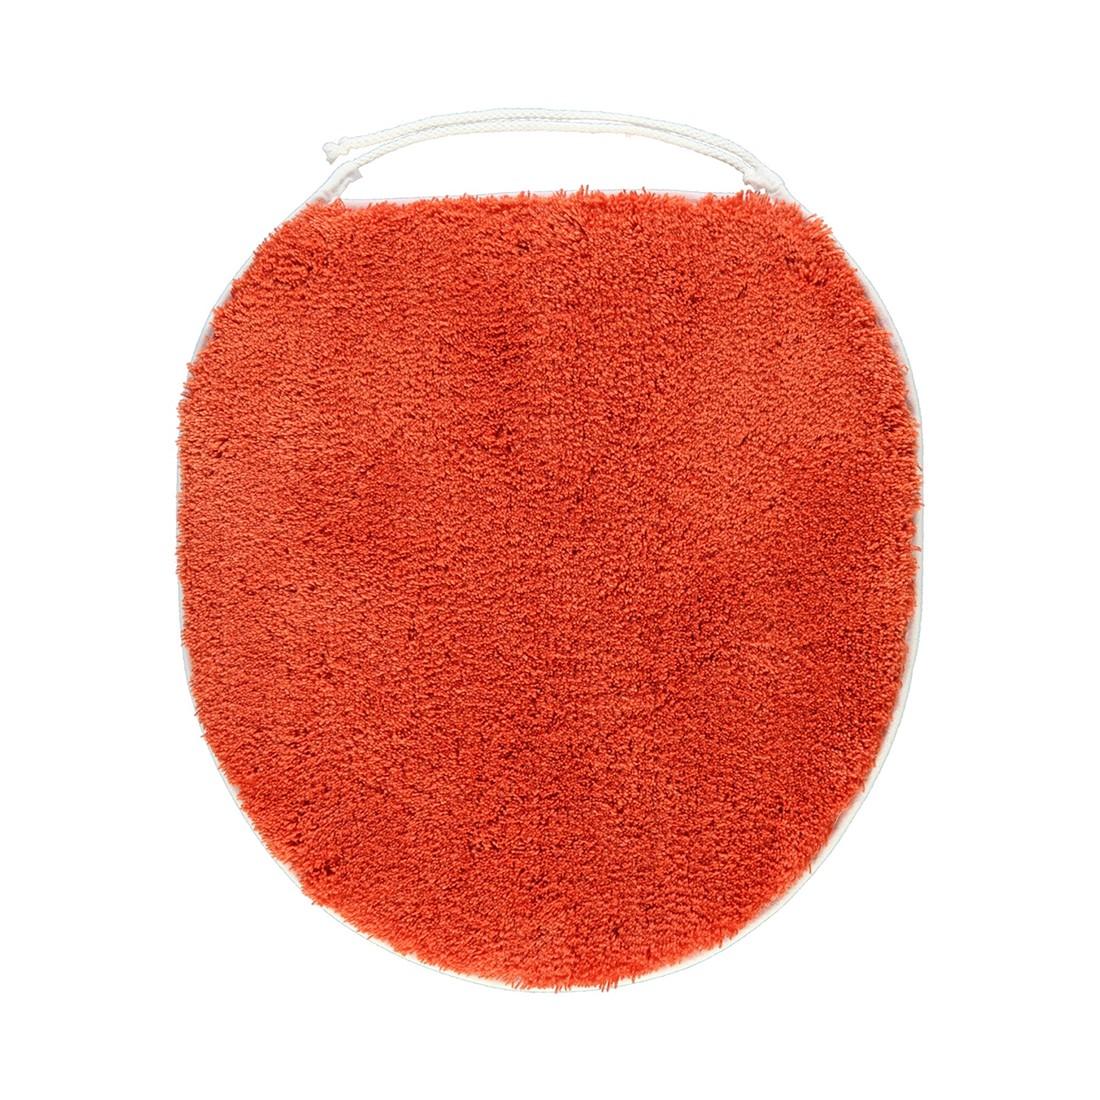 Deckelbezug Soft – 100% Polyacryl Ziegelrot – 454, Kleine Wolke jetzt kaufen